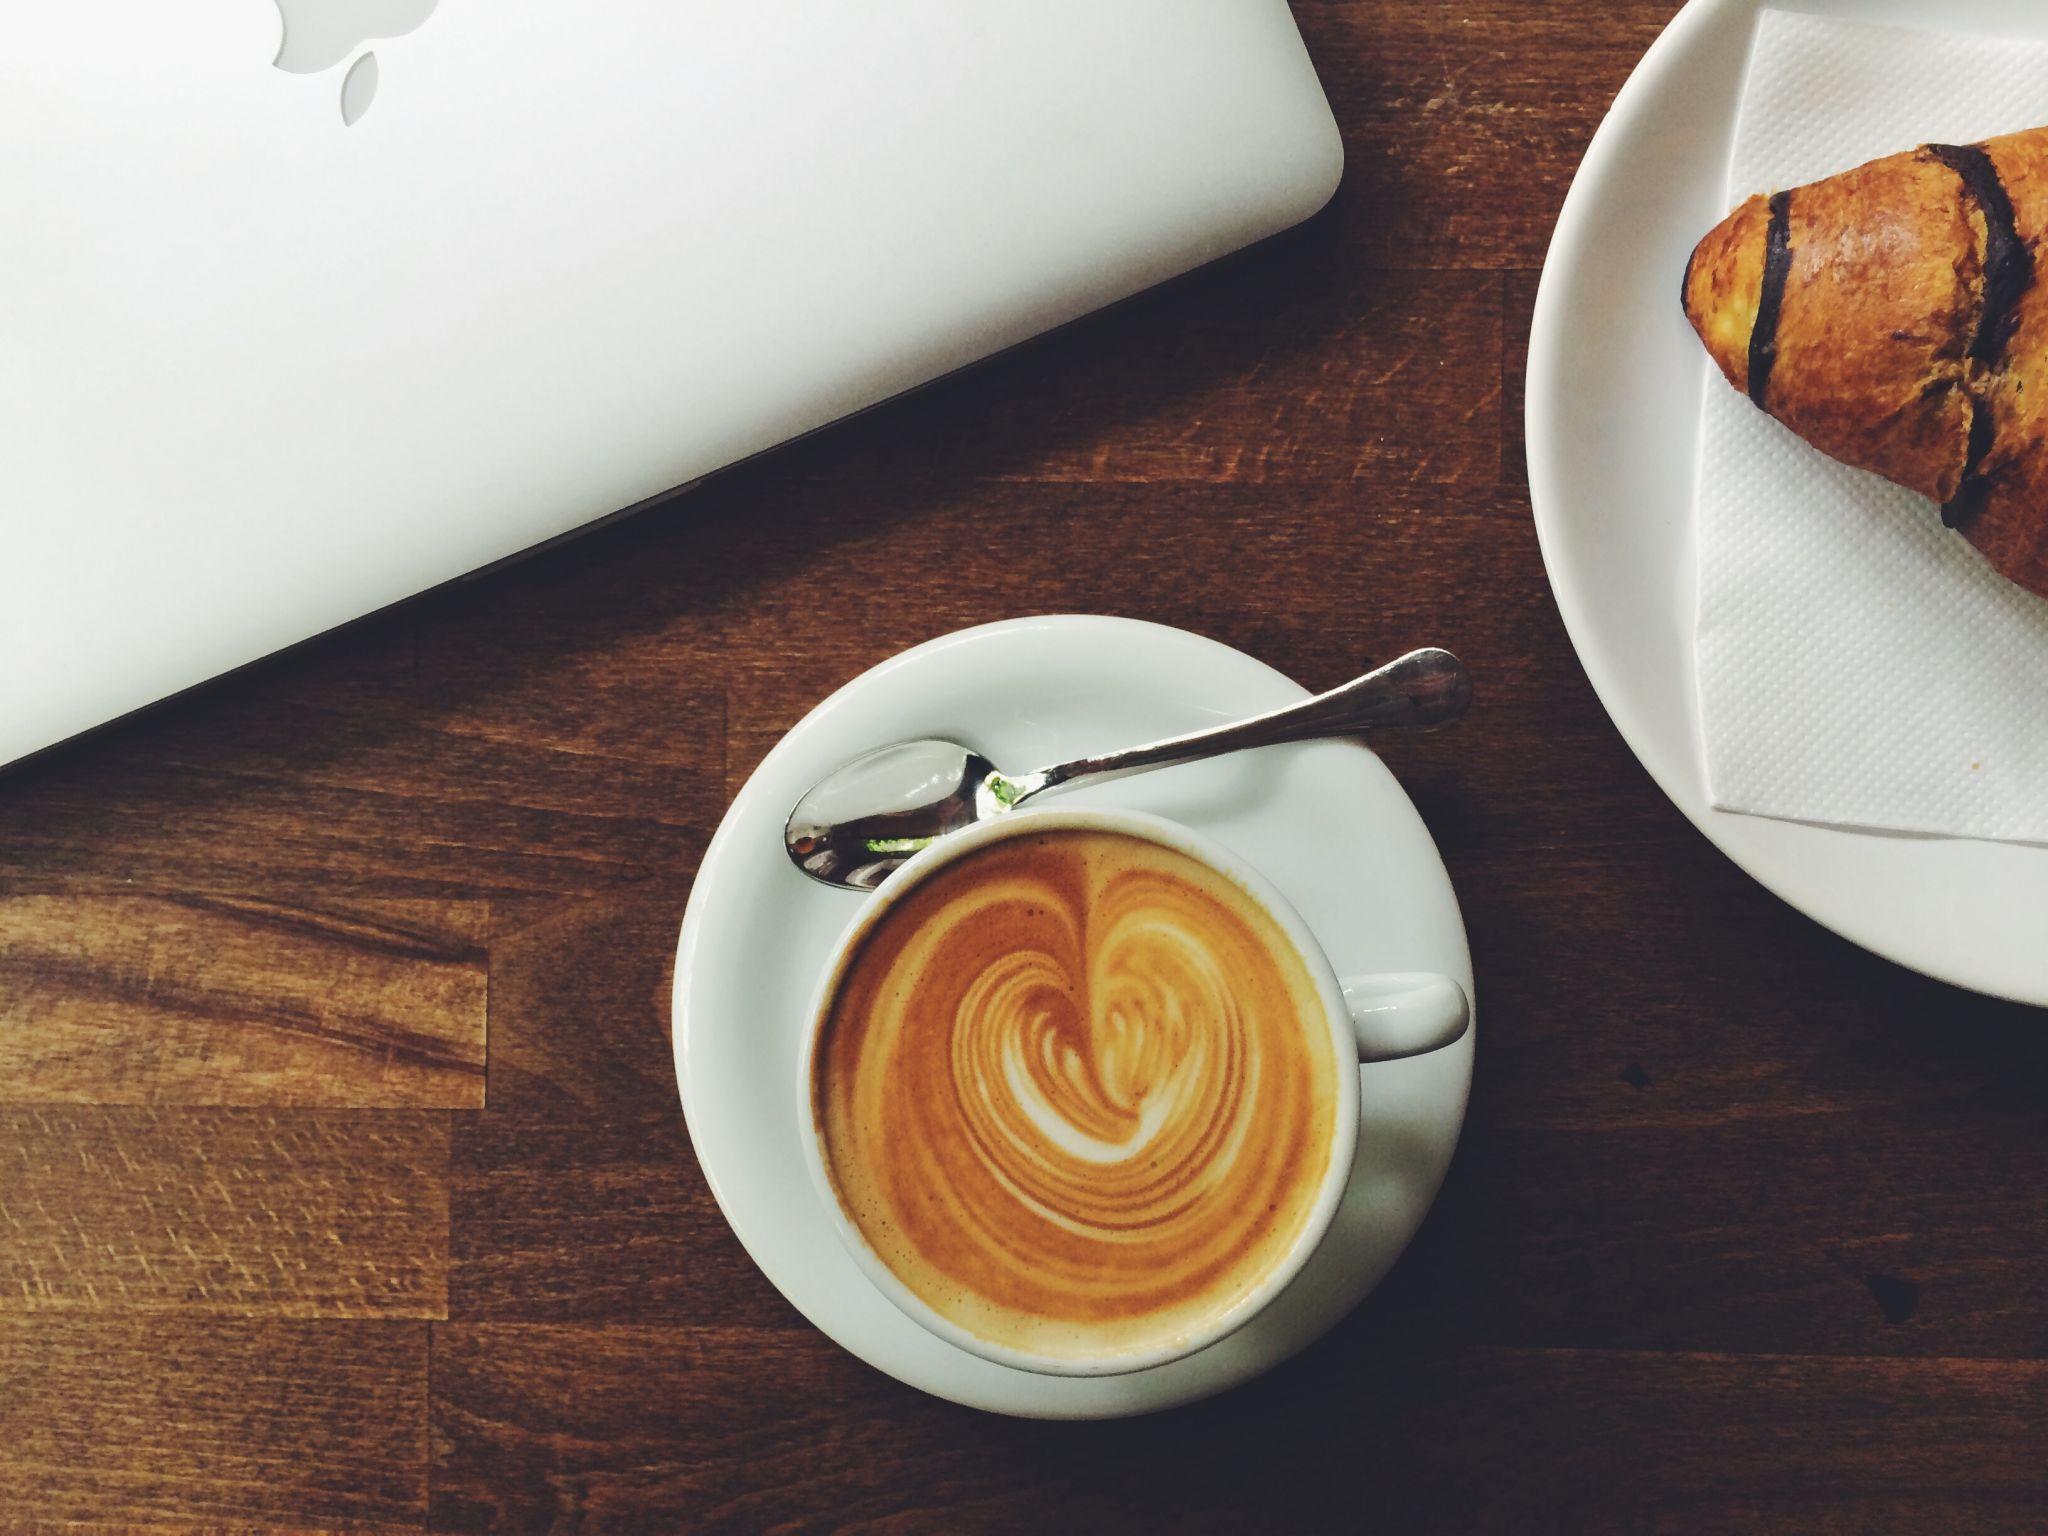 latte croissant laptop